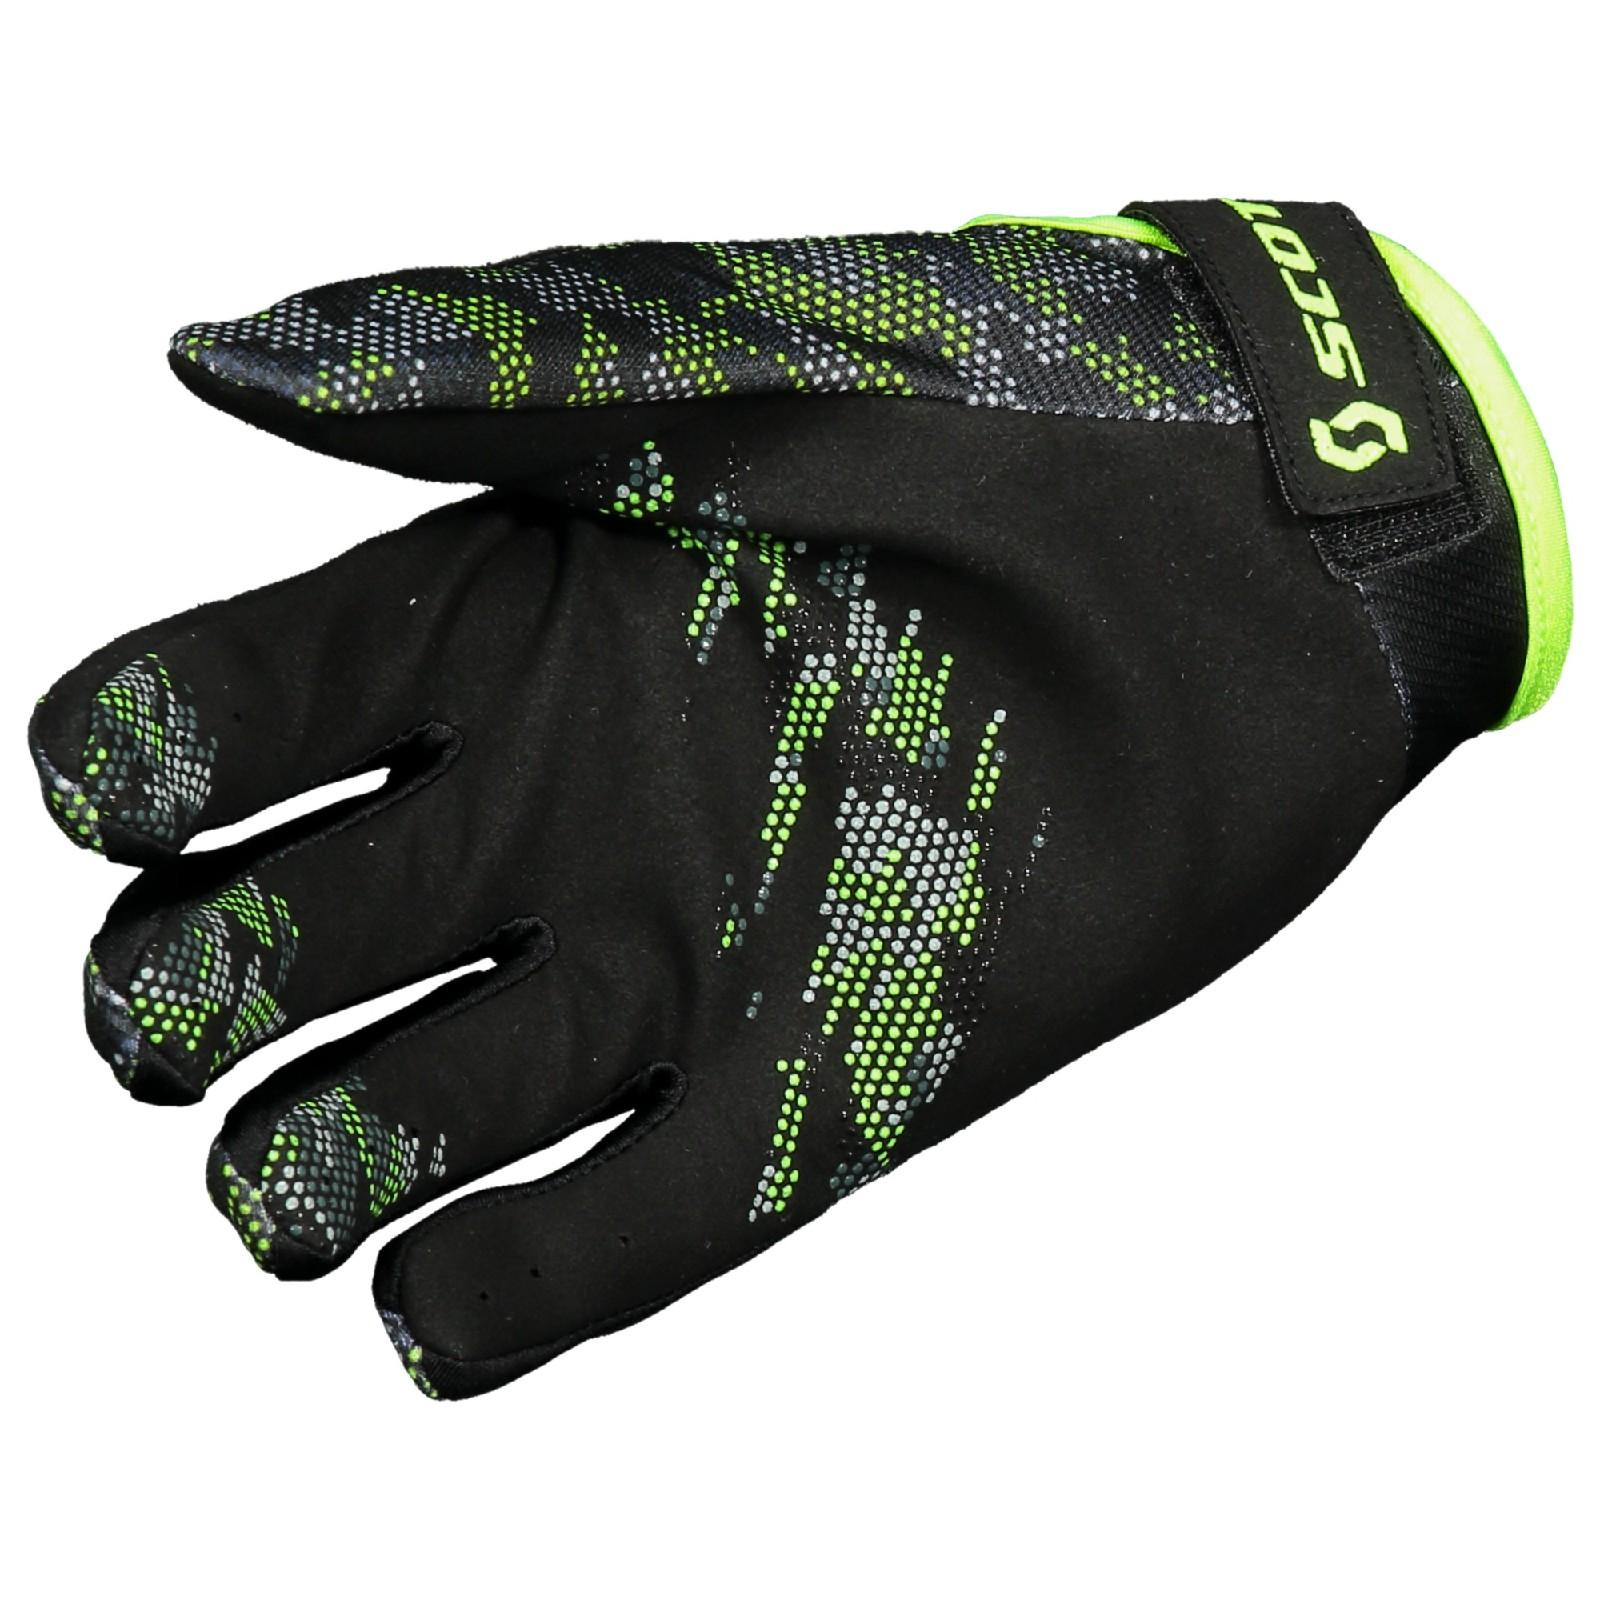 f3311e48e50 SCOTT 350 RACE Motocrossové rukavice - Bolder - Moto oblečení